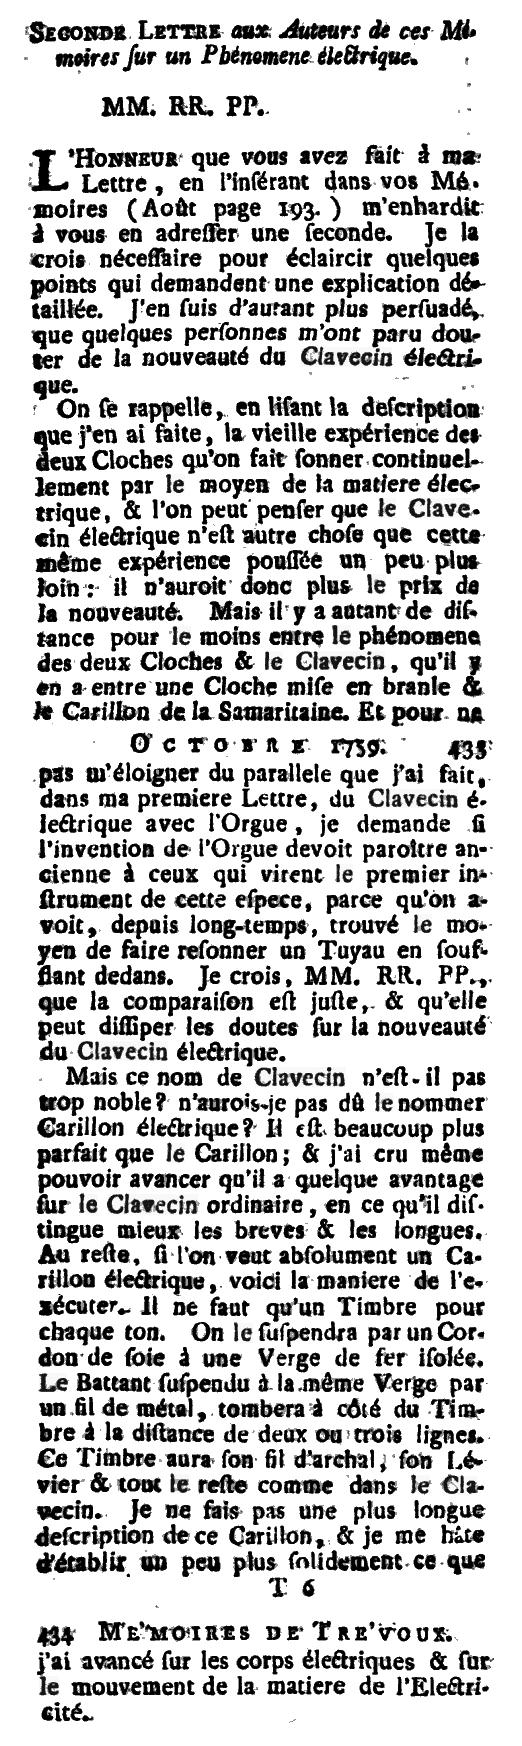 马克·米歇尔·雷(Marc Michel Rey)对于电子大键琴的描述,记录于作品Le journal des sçavans, combiné avec les mémoires de Trévoux 中,1759年